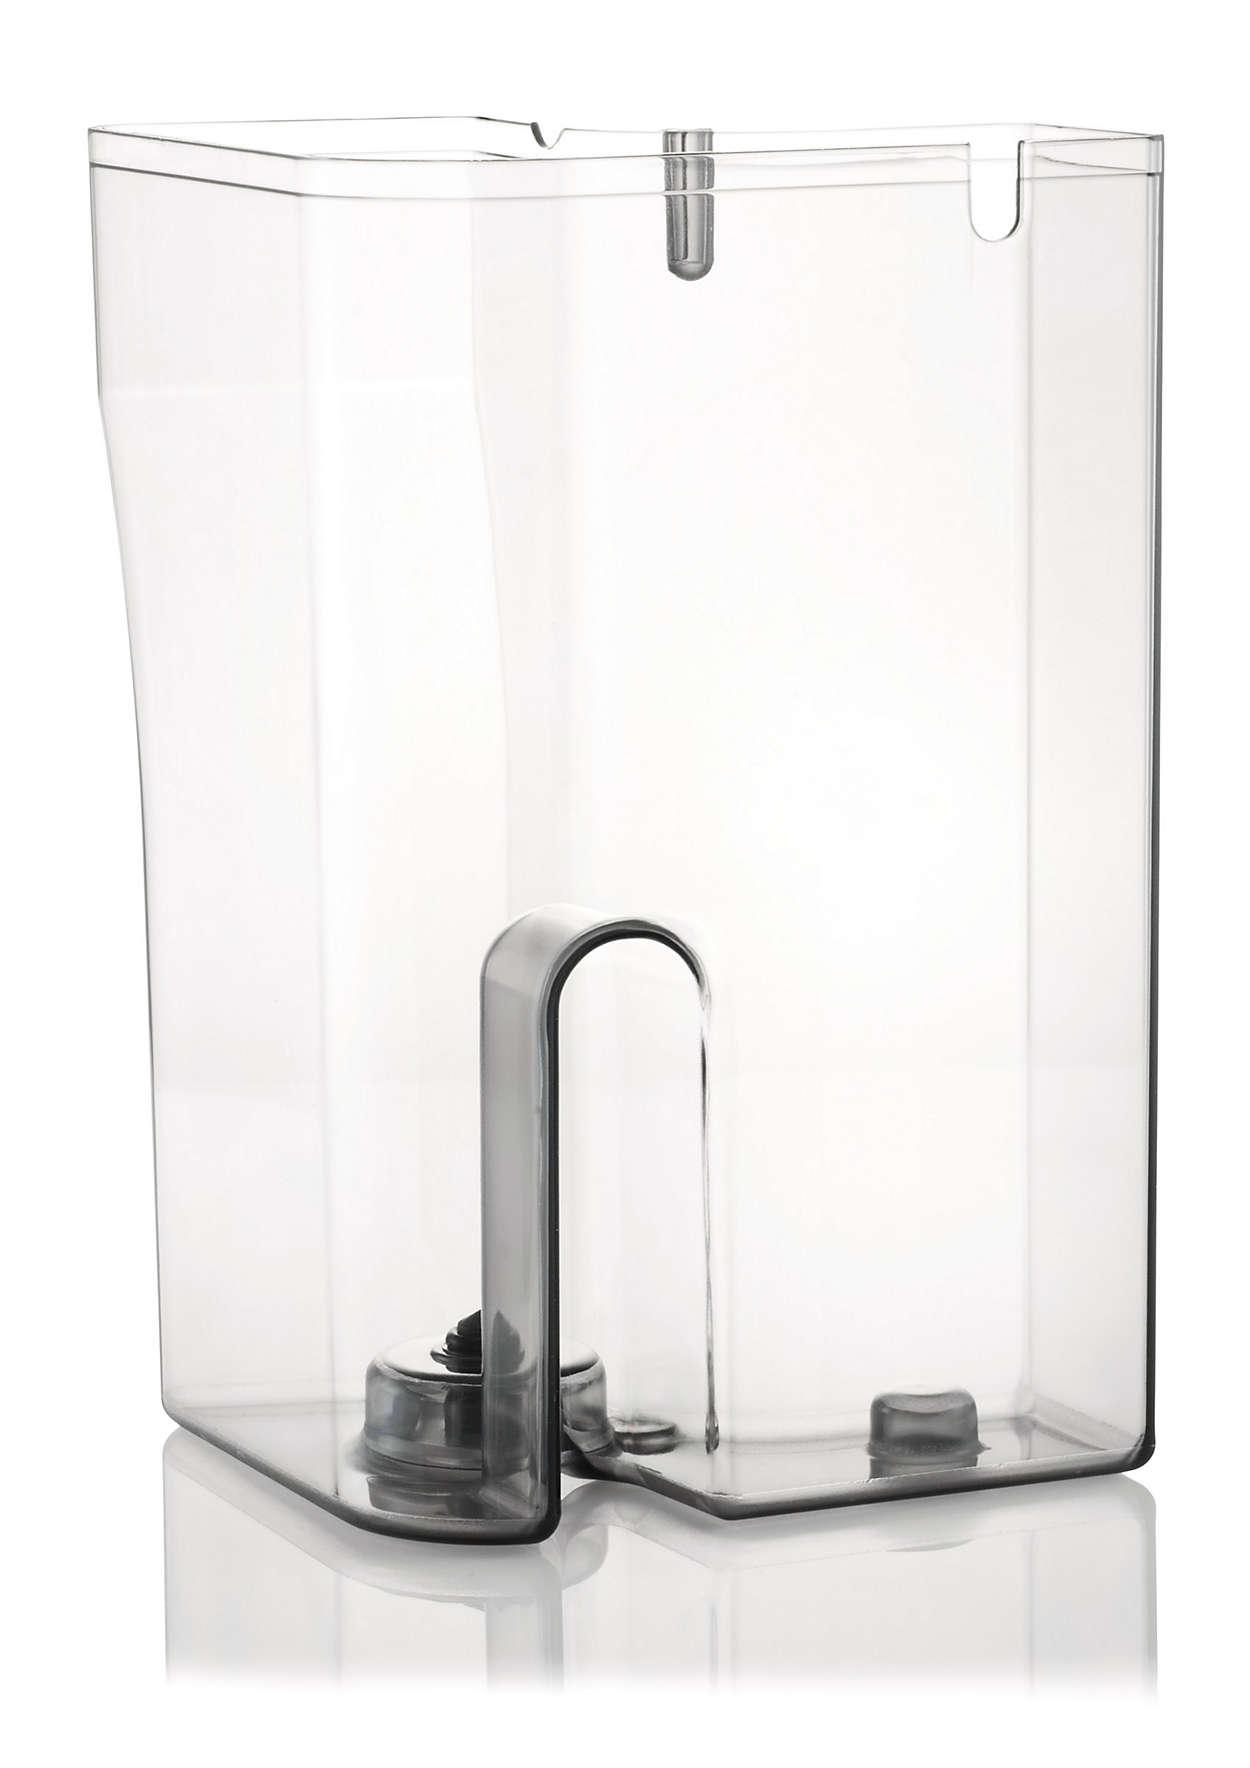 에스프레소 머신의 물 관련 부품